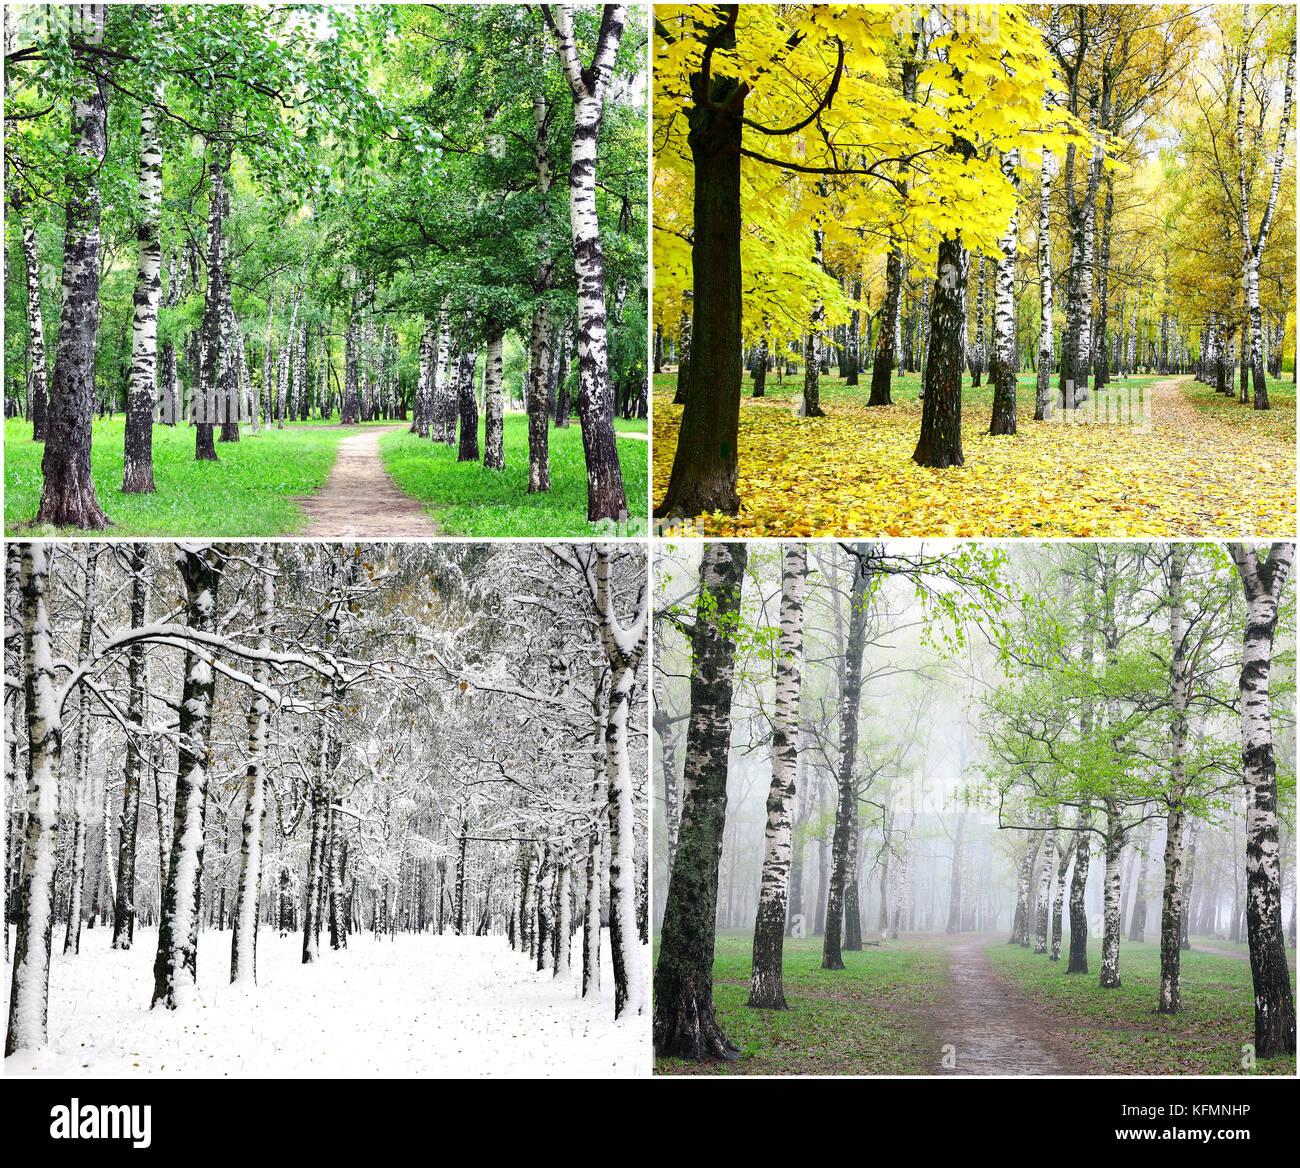 5ffb912f05eb71 Vier Jahreszeiten der Zeile Birken - Sommer